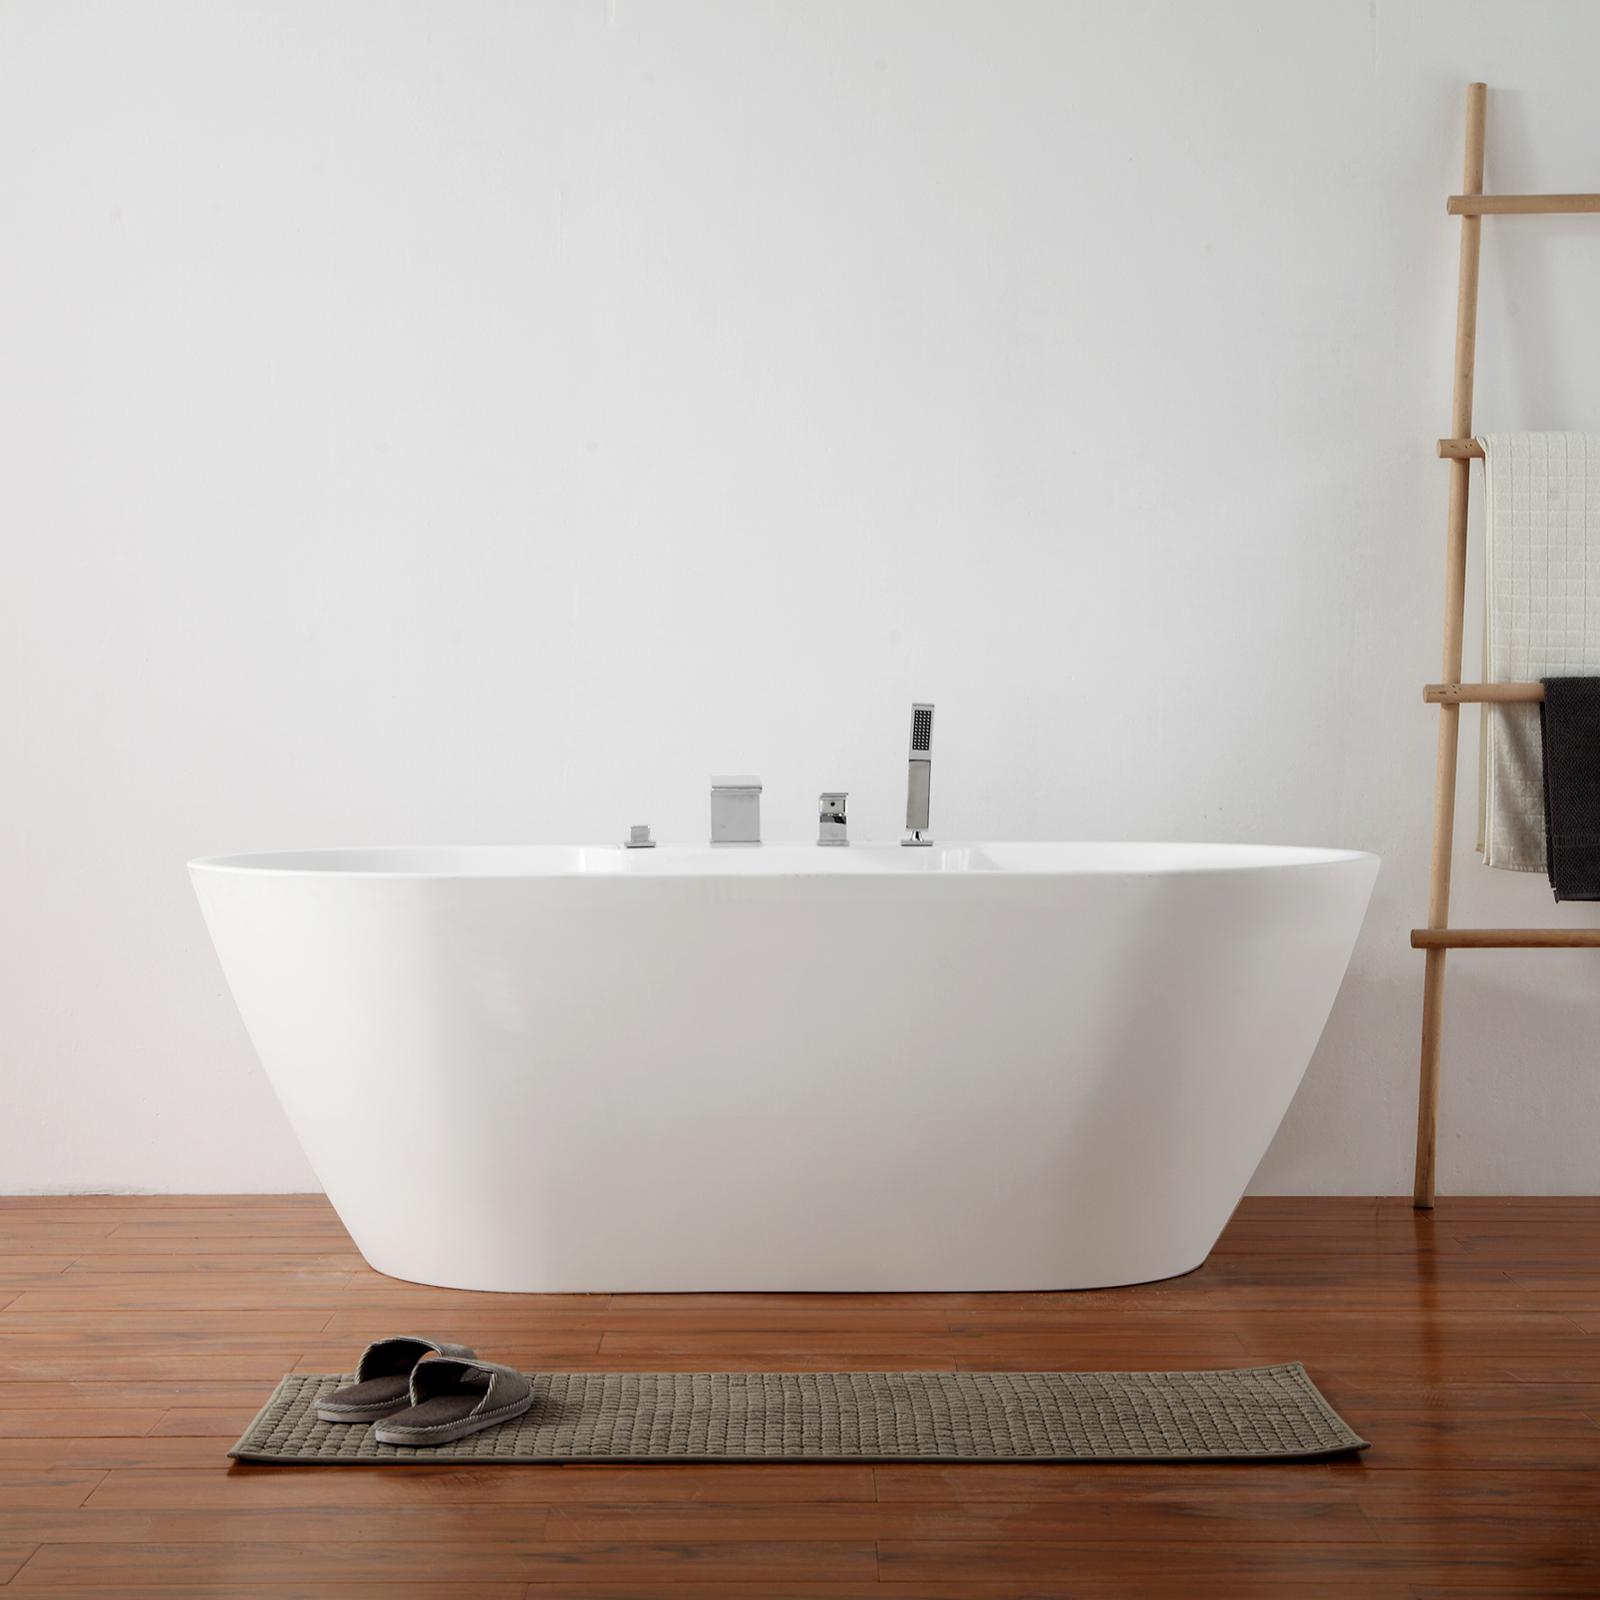 Freistehende Badewanne JAZZ PLUS Acryl weiß - 170 x 80 cm